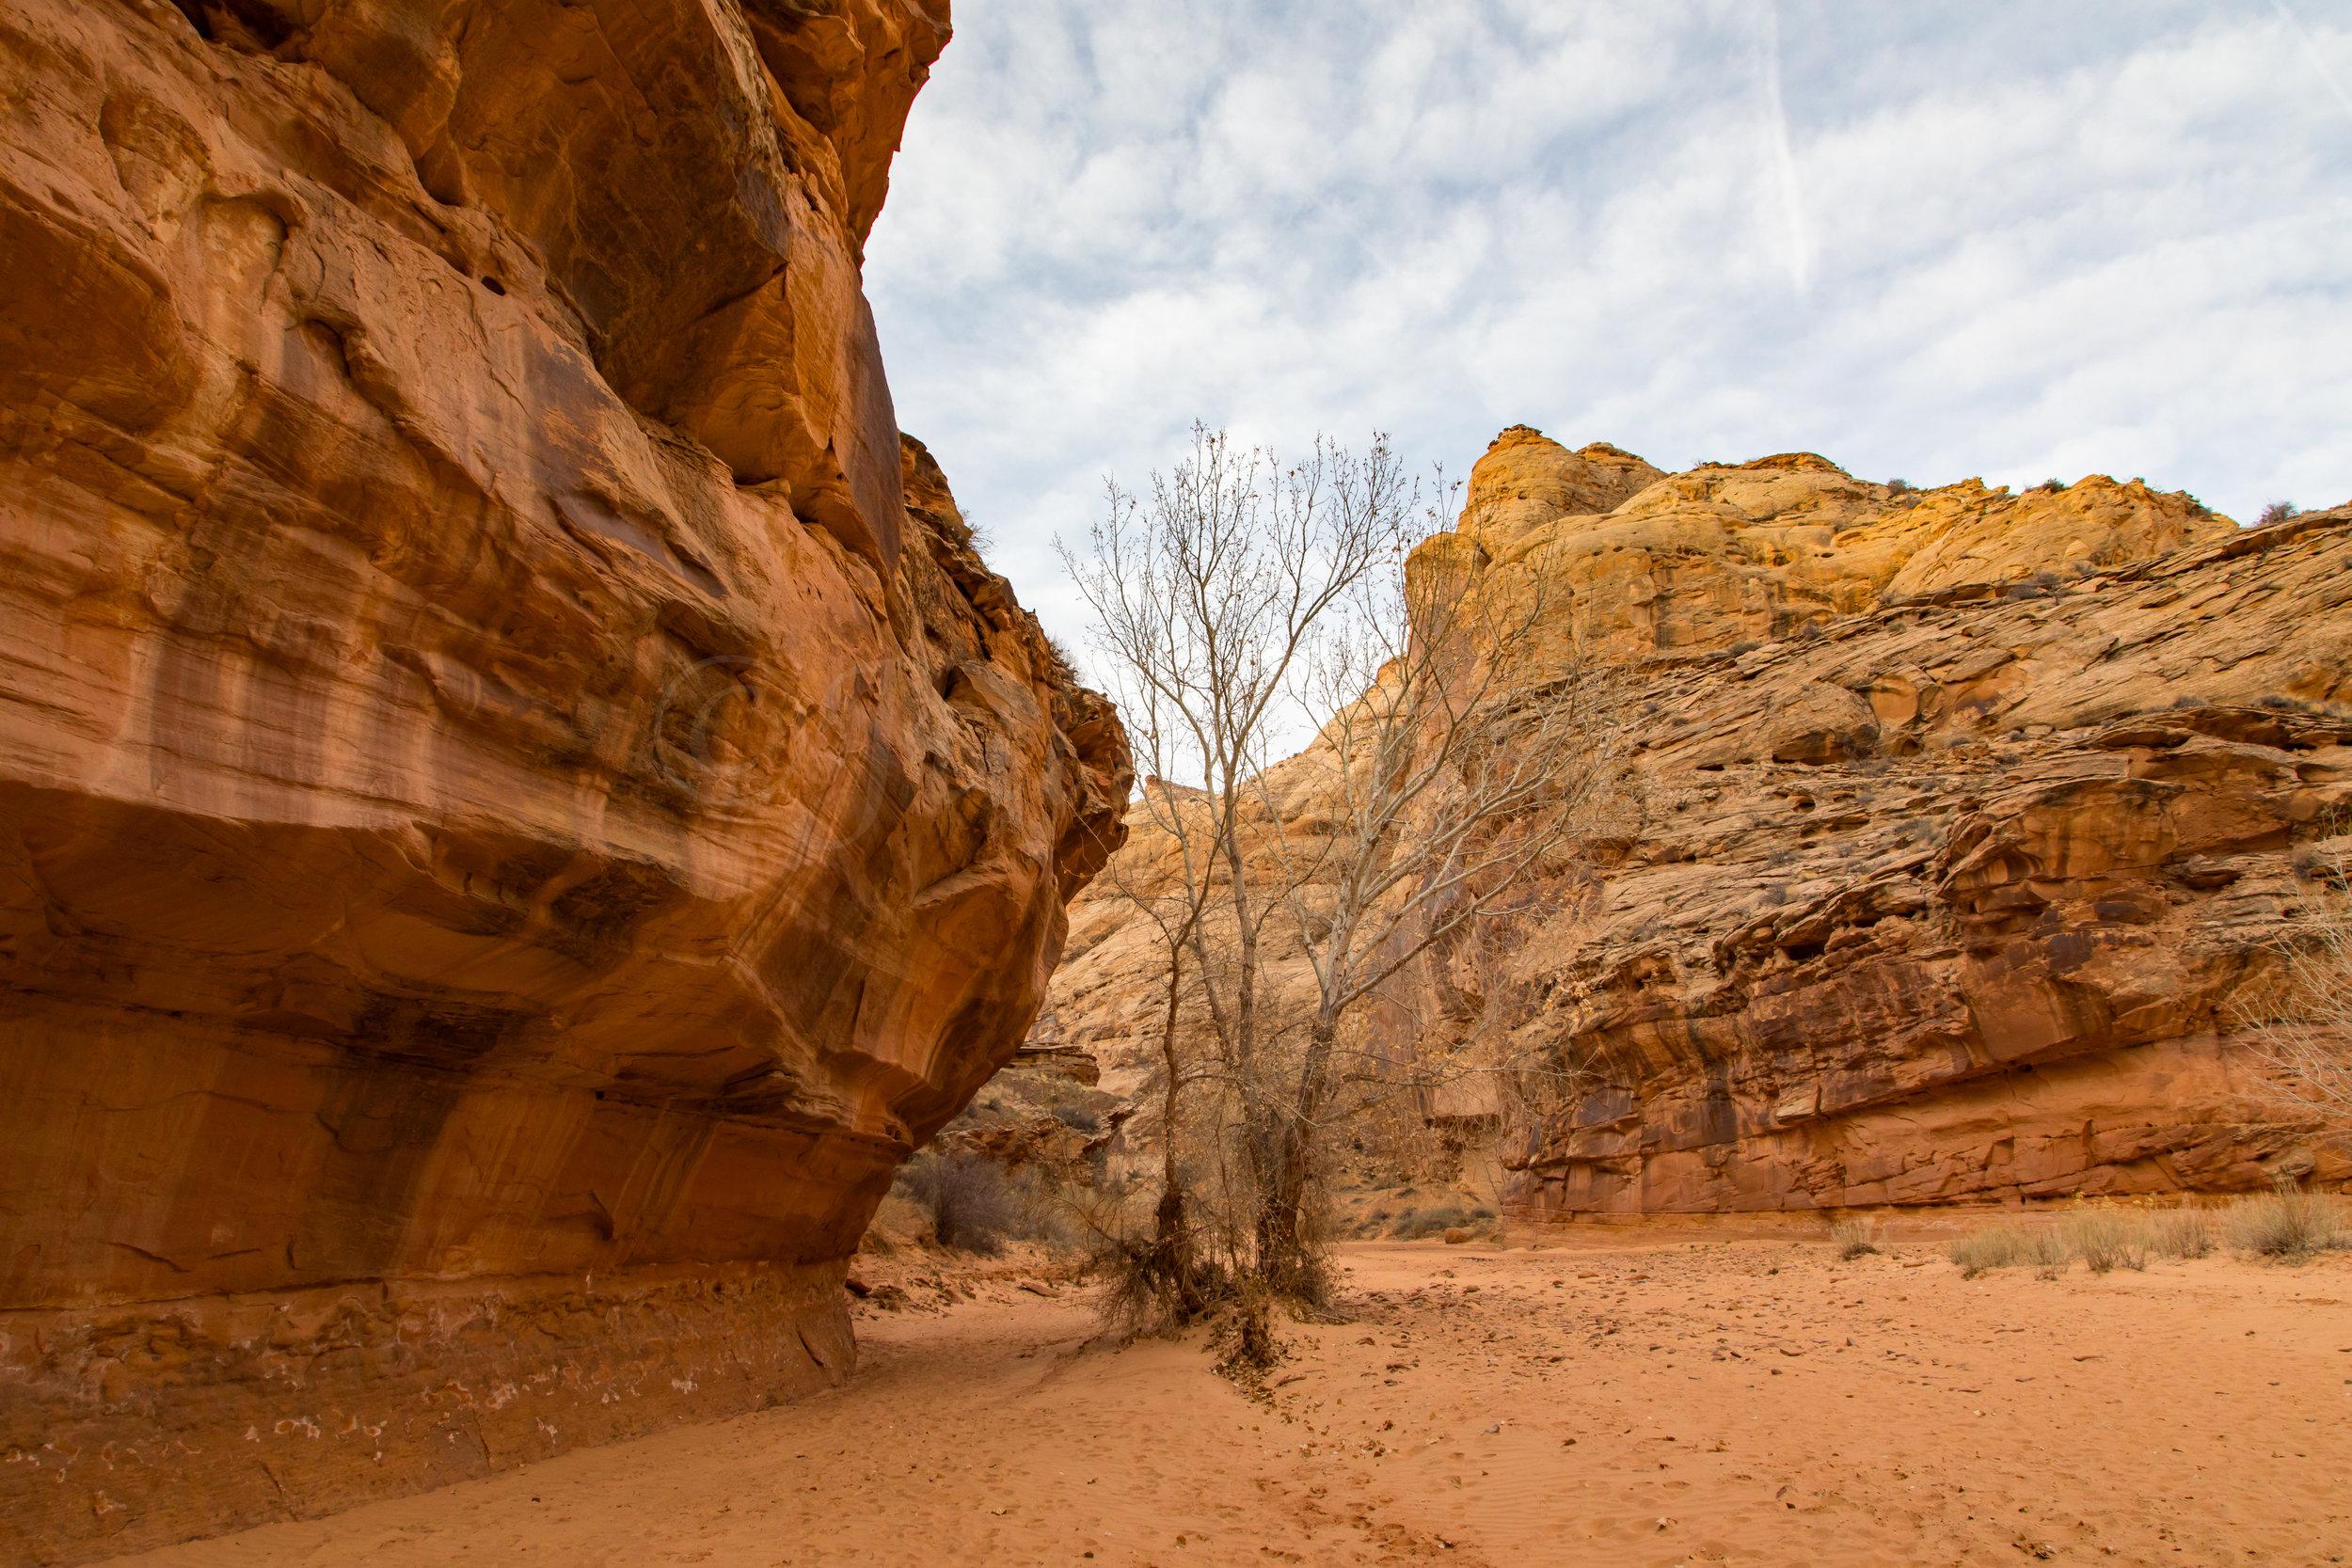 Horseshoe Canyon, Image # 7864